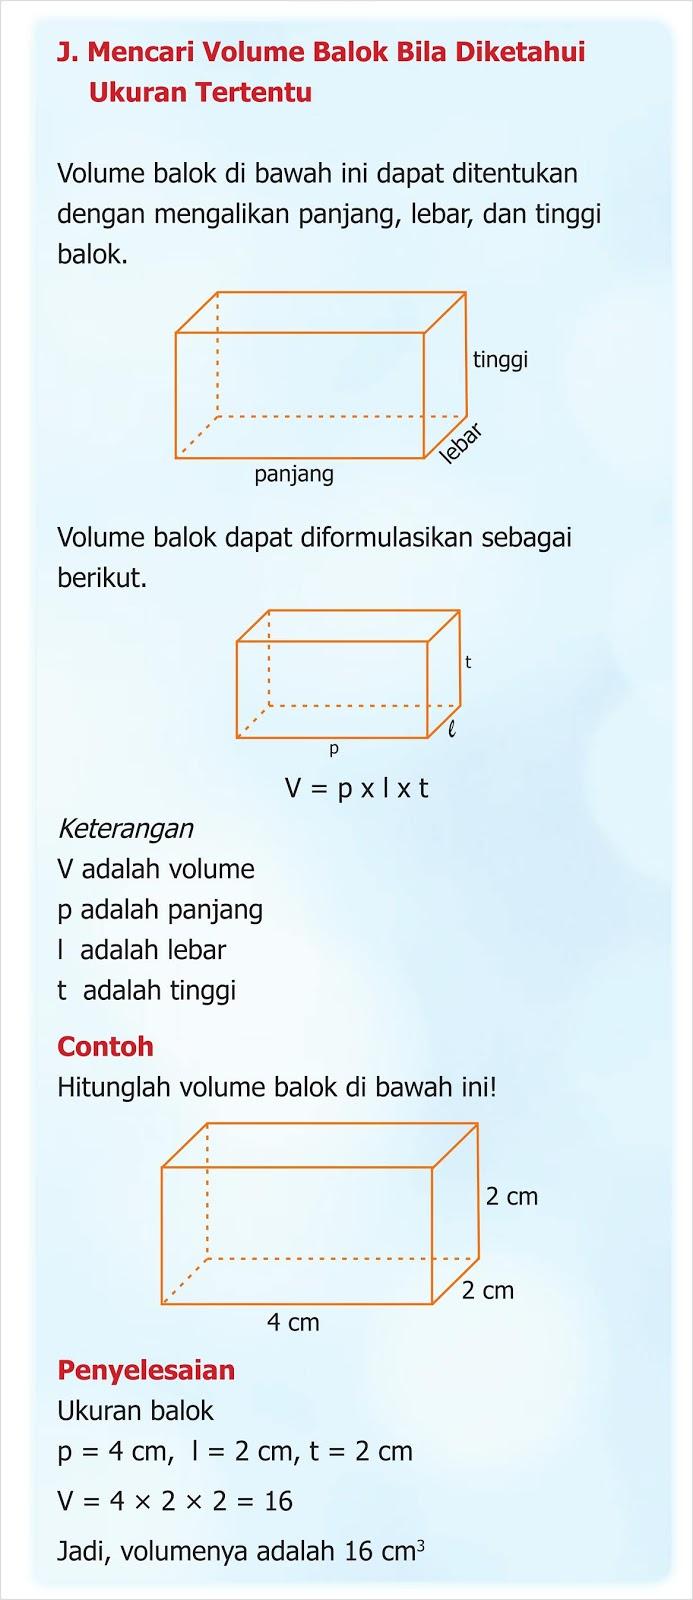 Bab 4 persamaan garis lurus ayo kita. Kunci Jawaban Matematika Kelas 5 Kurikulum 2013 Halaman 147 149 151 153 154 155 Lifanen